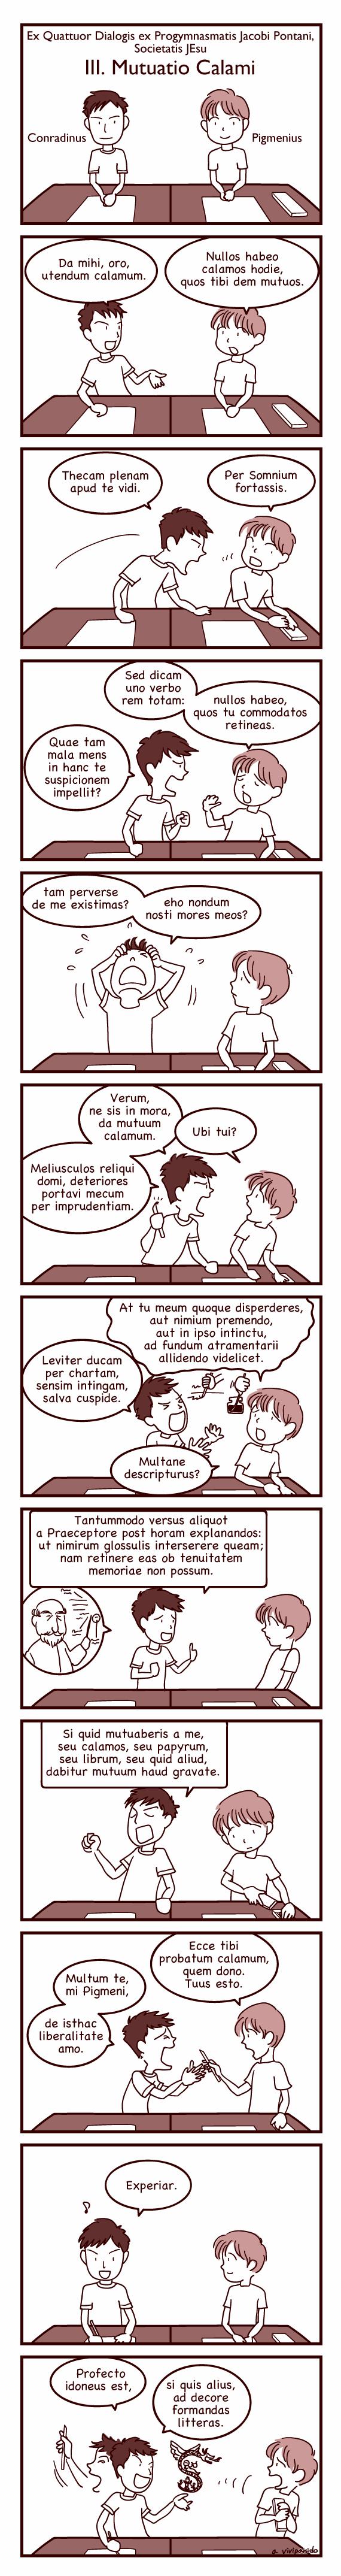 ラテン語漫画:ペン貸して!